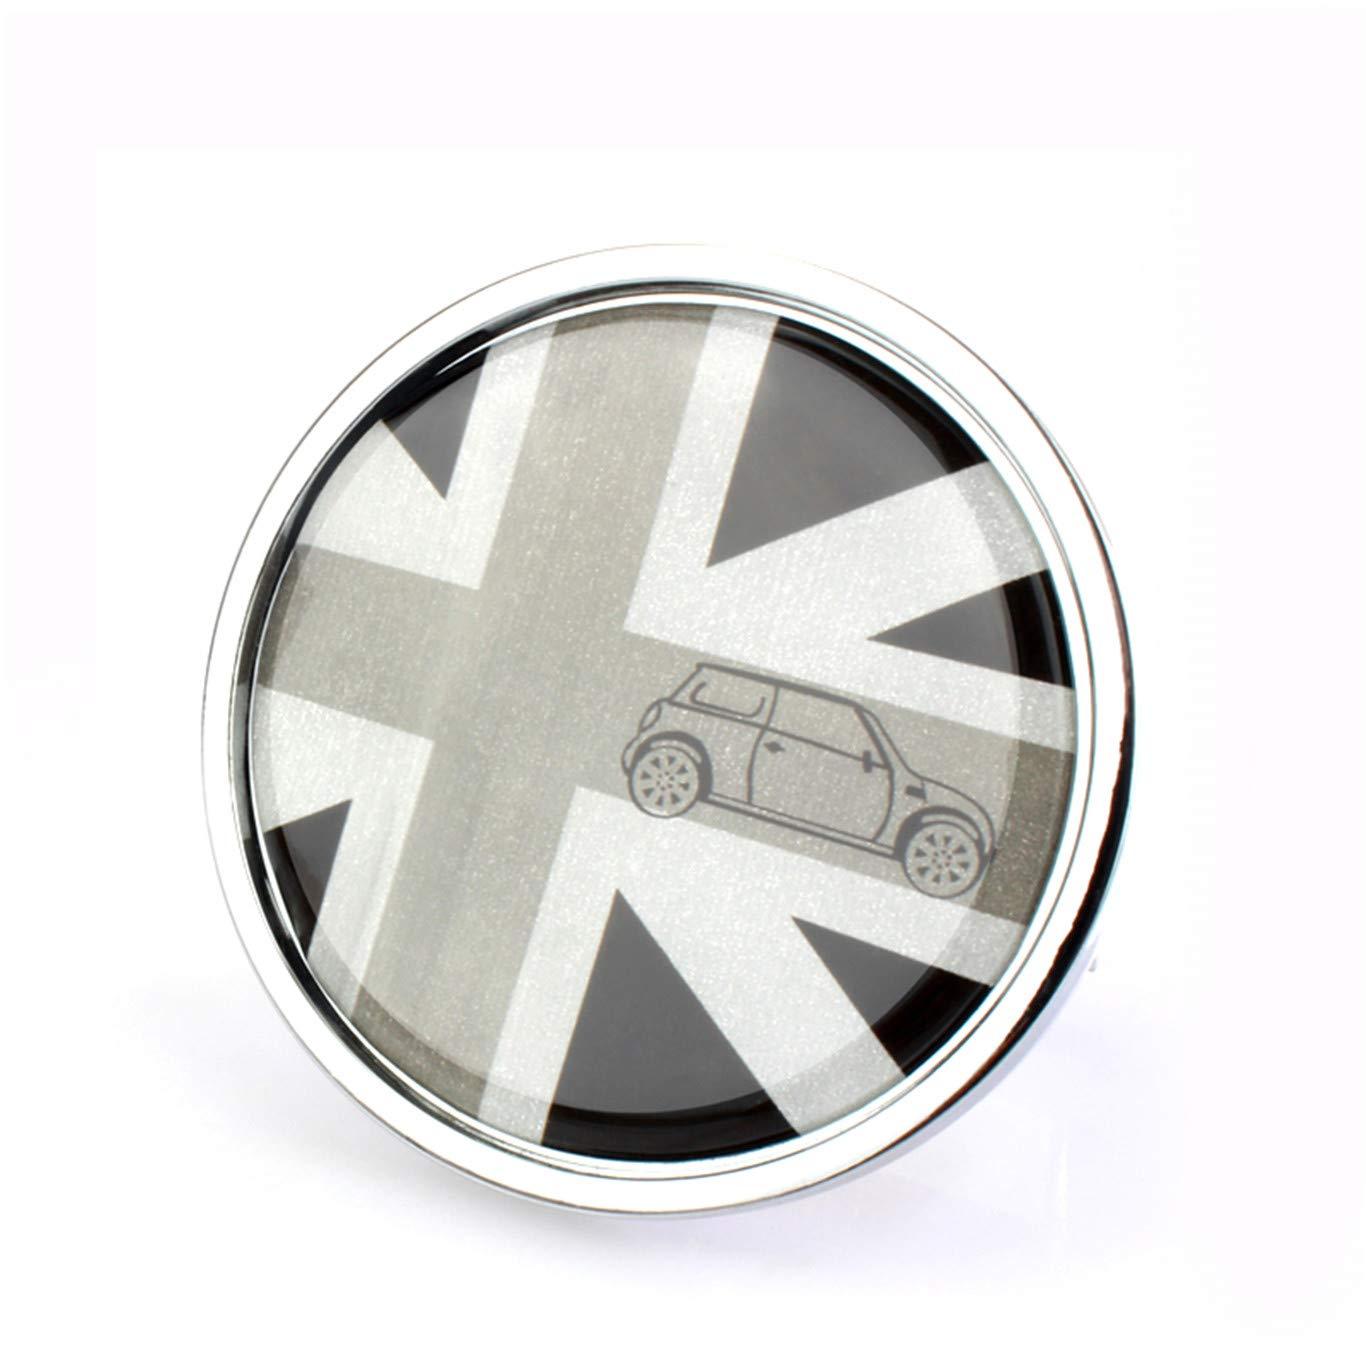 HDX Badge en m/étal pour Capot Avant et Grille de Grille pour Mini Cooper F54 F55 F56 F57 F60 R55 R56 R57 R58 R59 R60 R61 Hardtop Clubman Hatchback Covertible Roadster Countryman Paceman